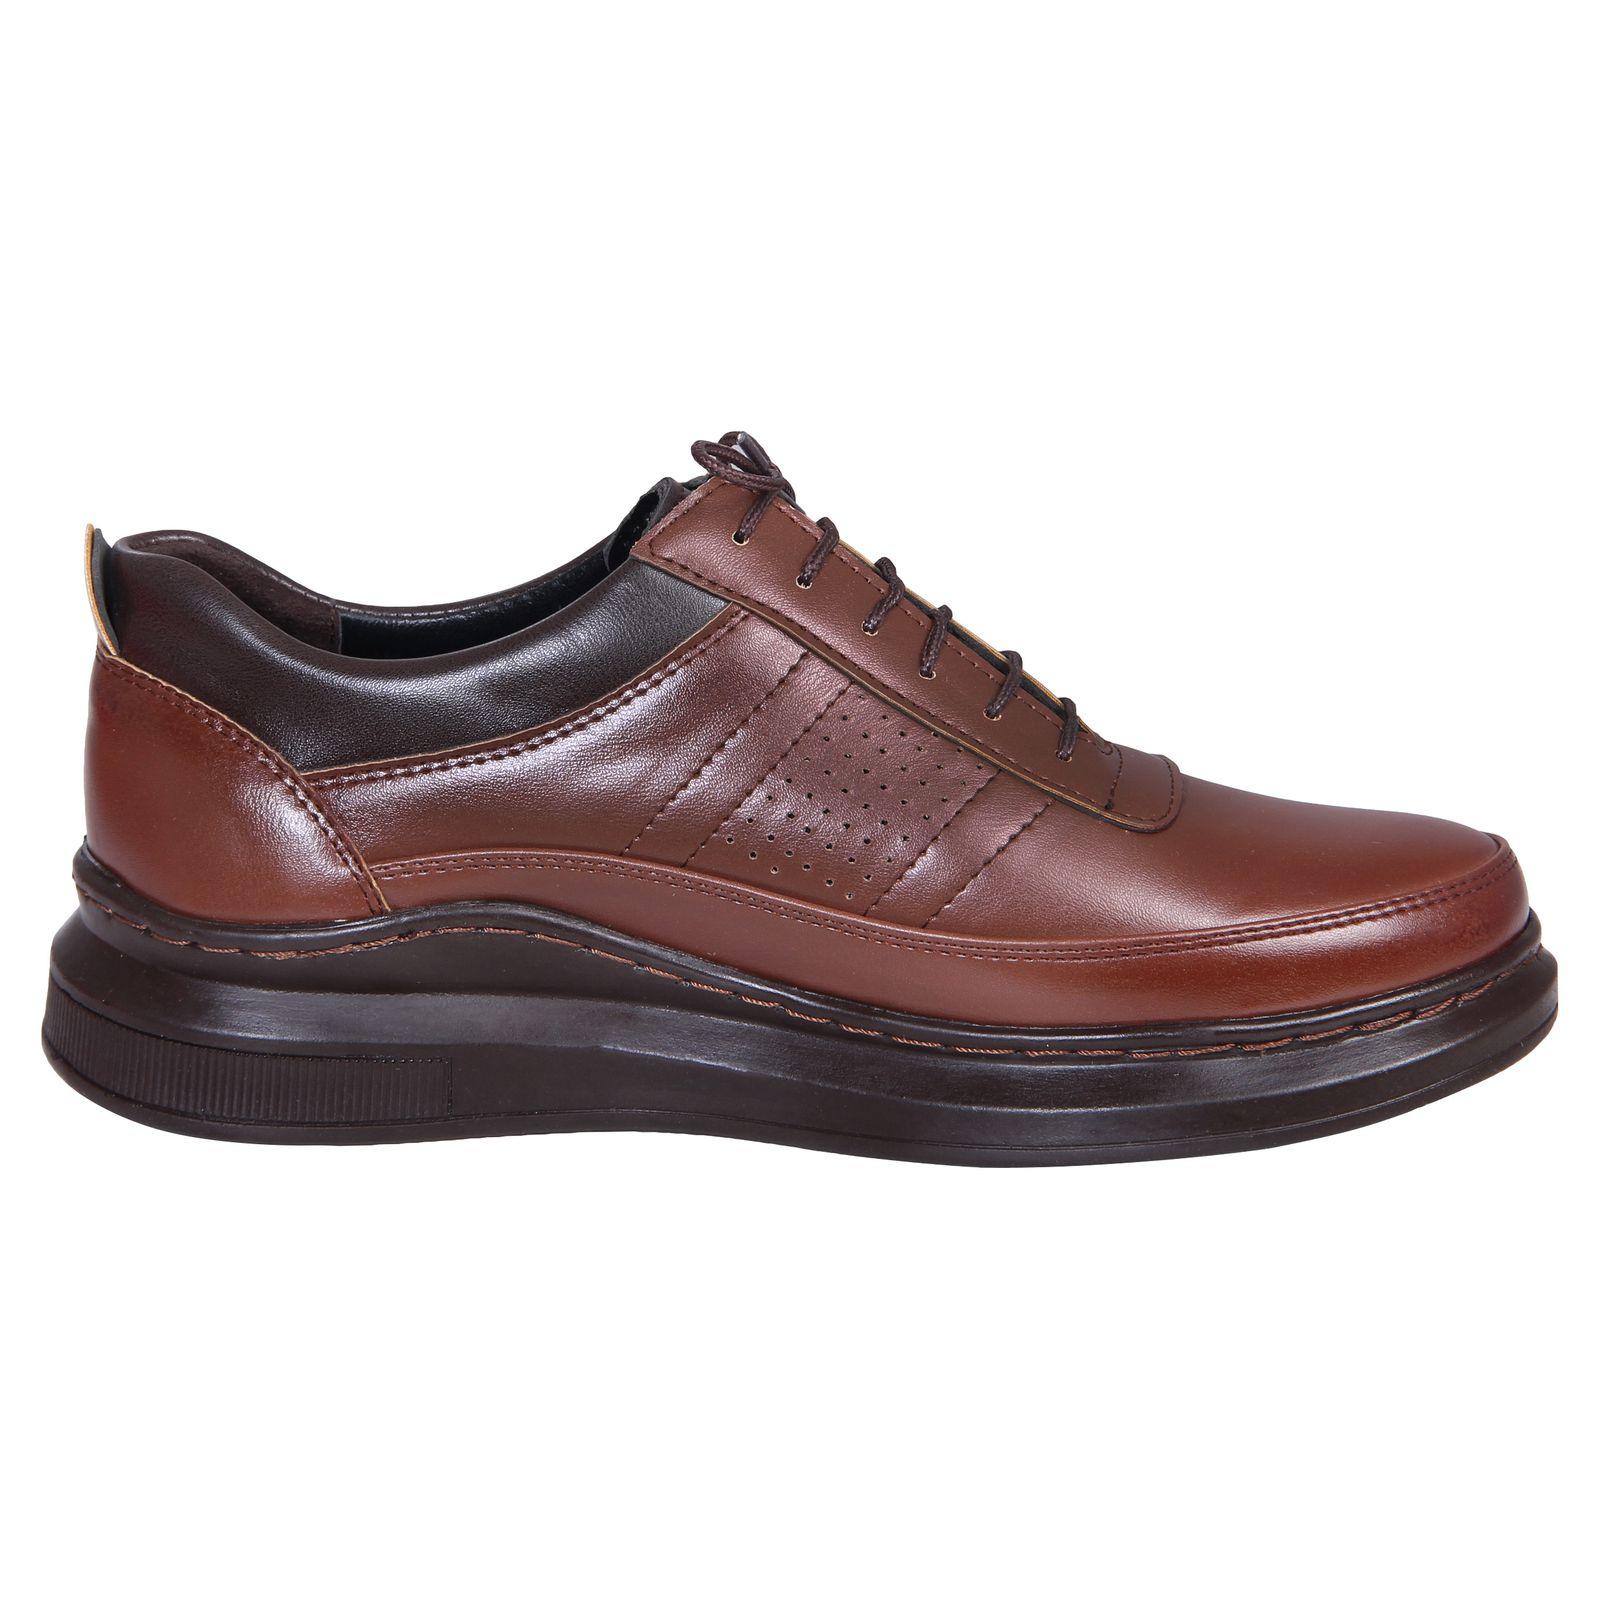 کفش روزمره مردانه کد 6-39923 -  - 1